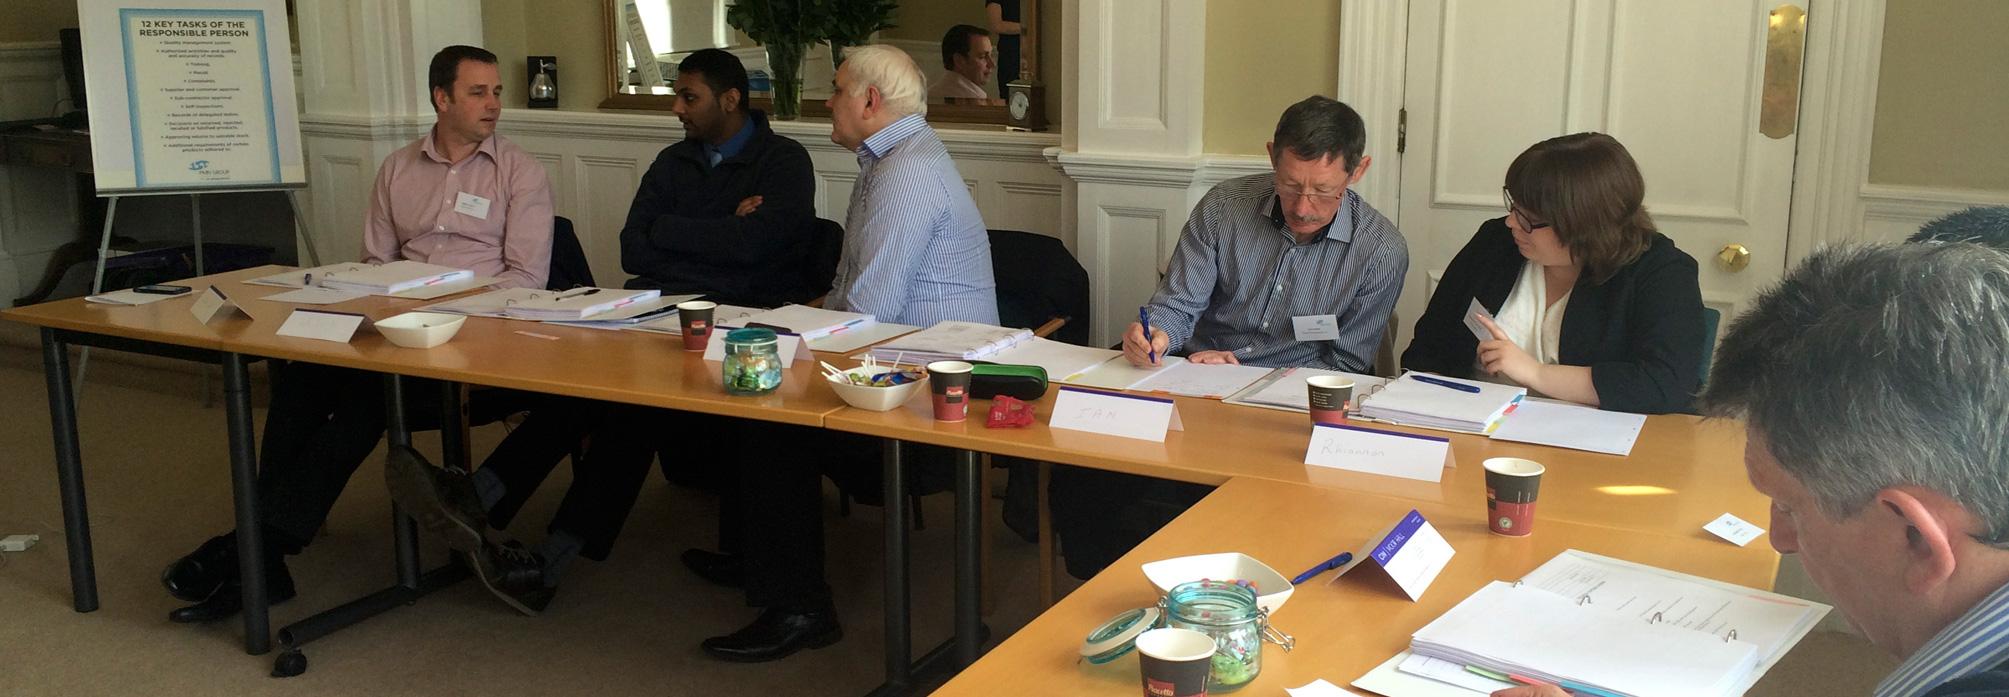 PMN Consulting Training delegates